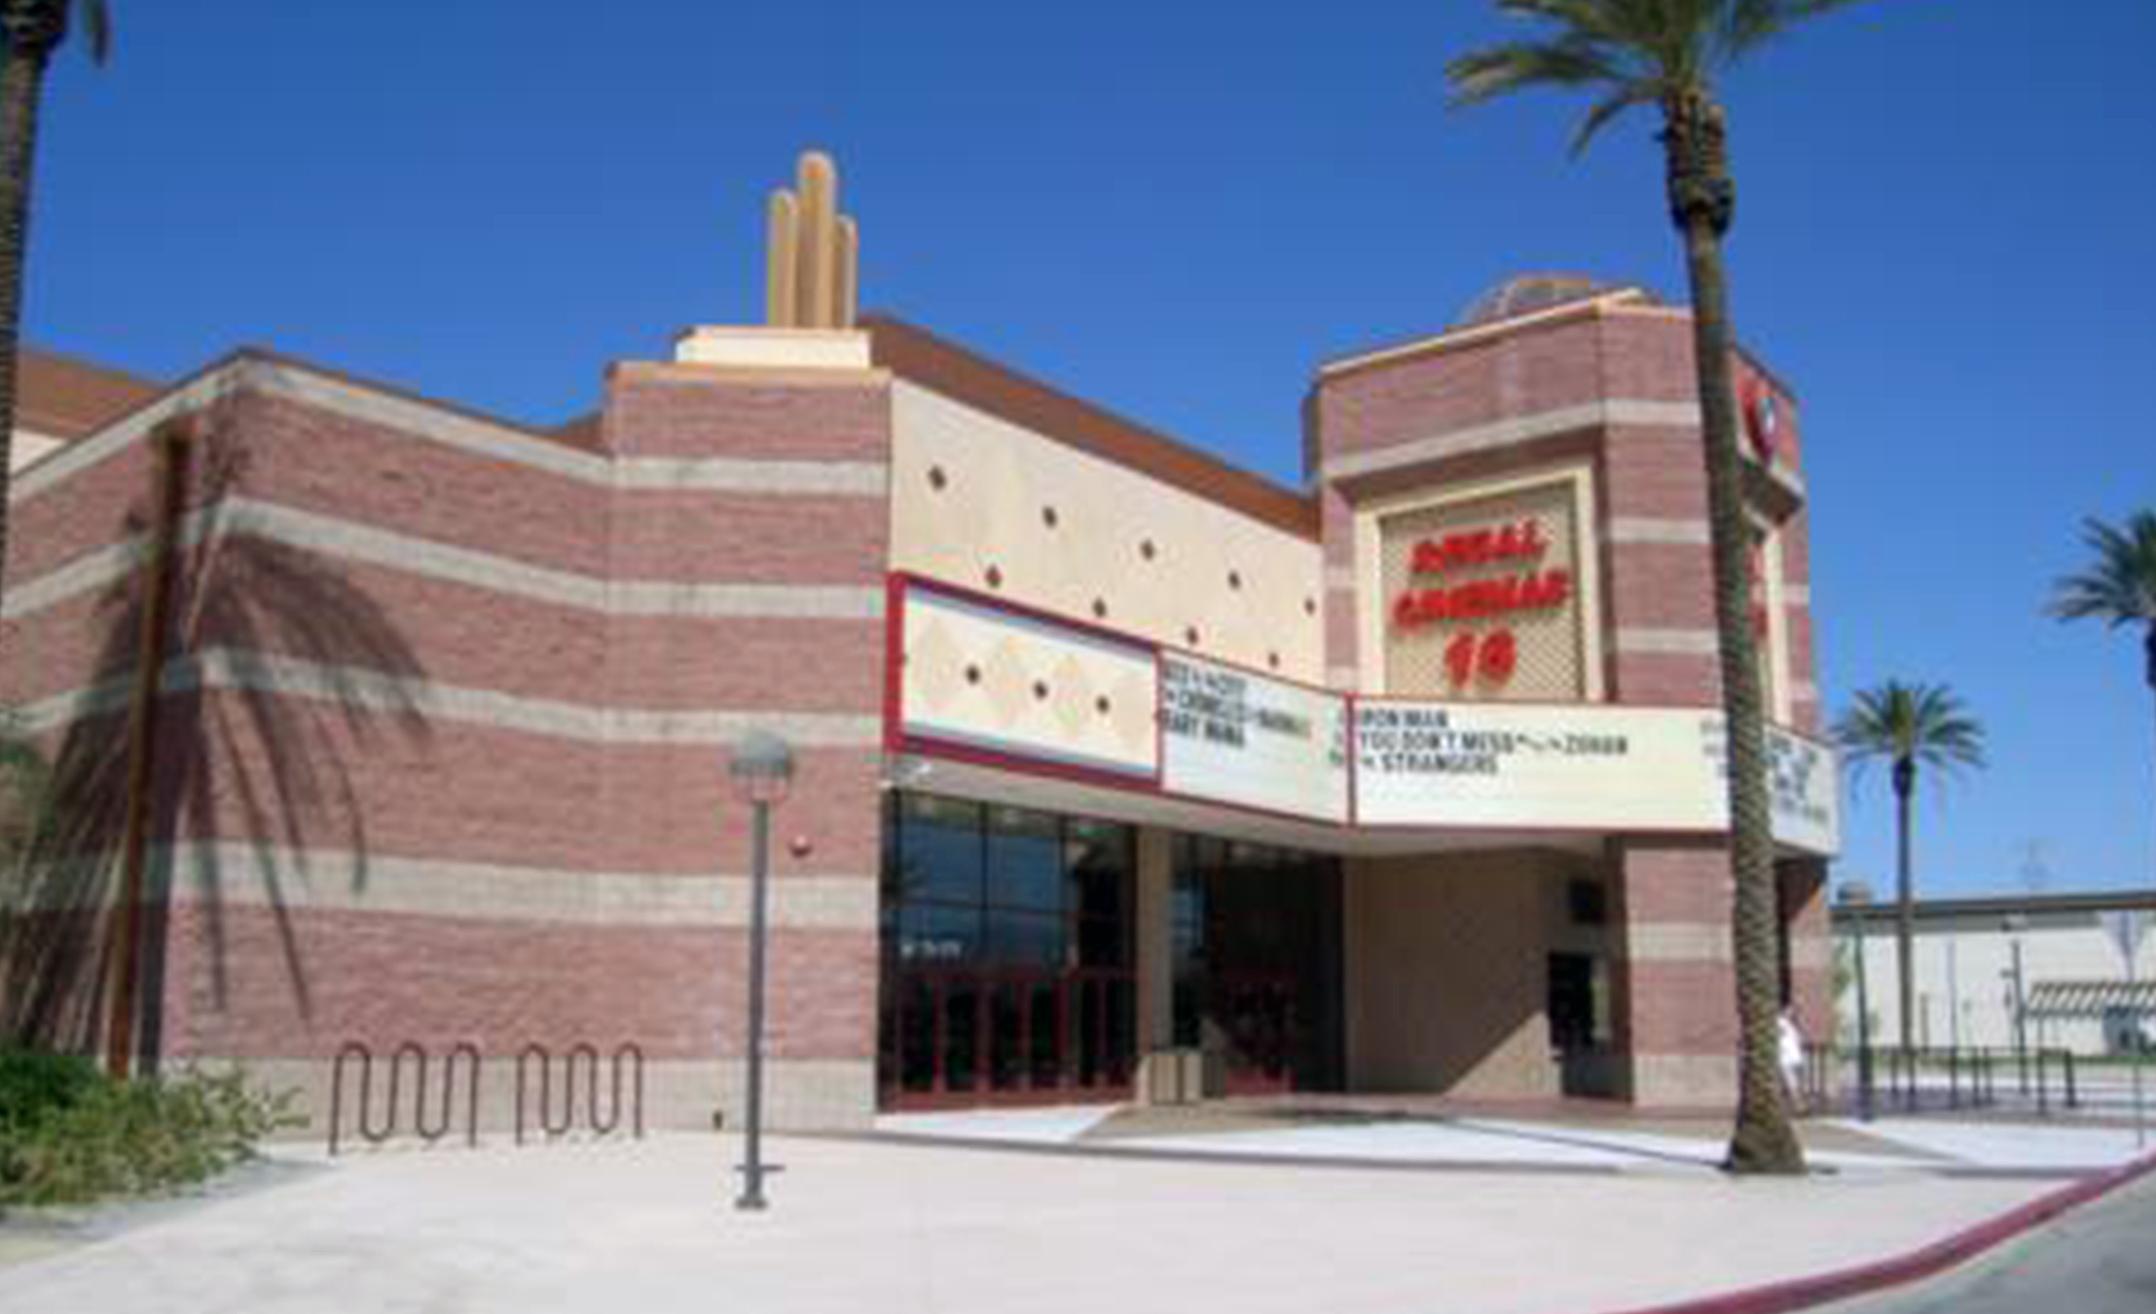 Regal Cinemas Rancho Mirage 16 & IMAX